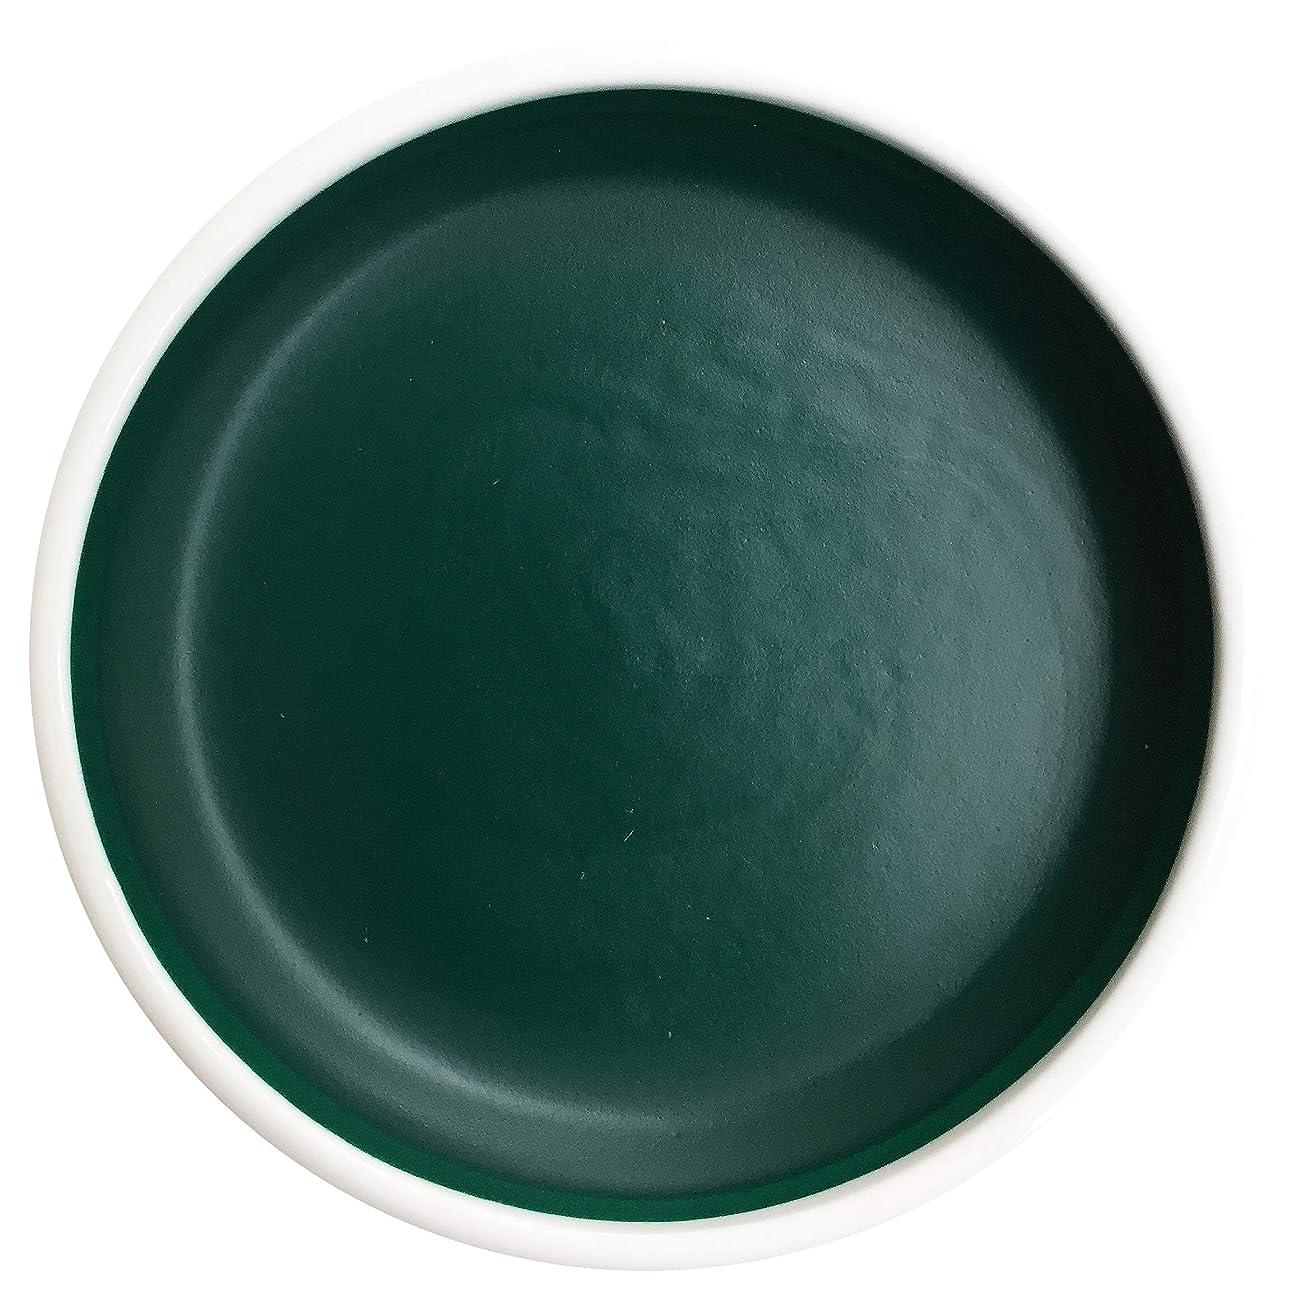 マナー運賃バラバラにする吉祥 日本画用絵具 鉄鉢 緑青 (ロクショウ) 6